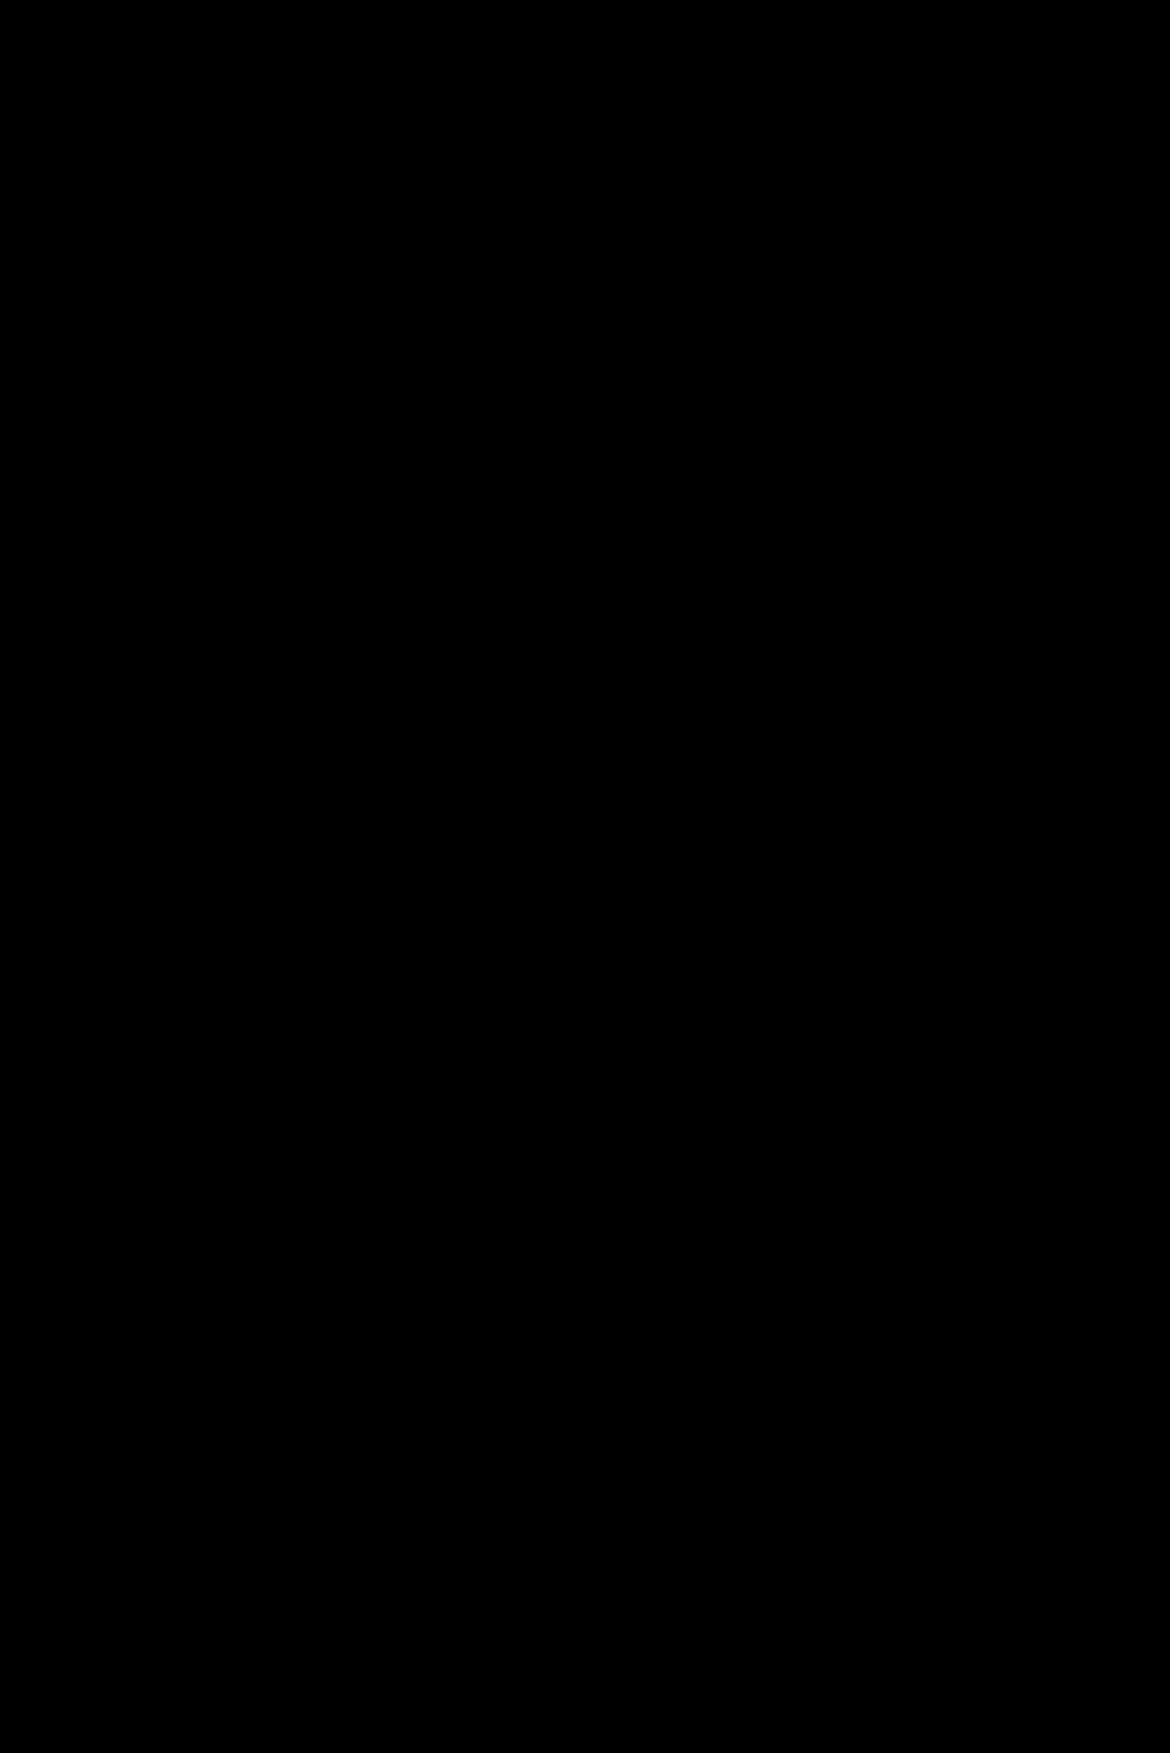 Izamal, Yucatàn Messico: Il mio diario di viaggio - parte II